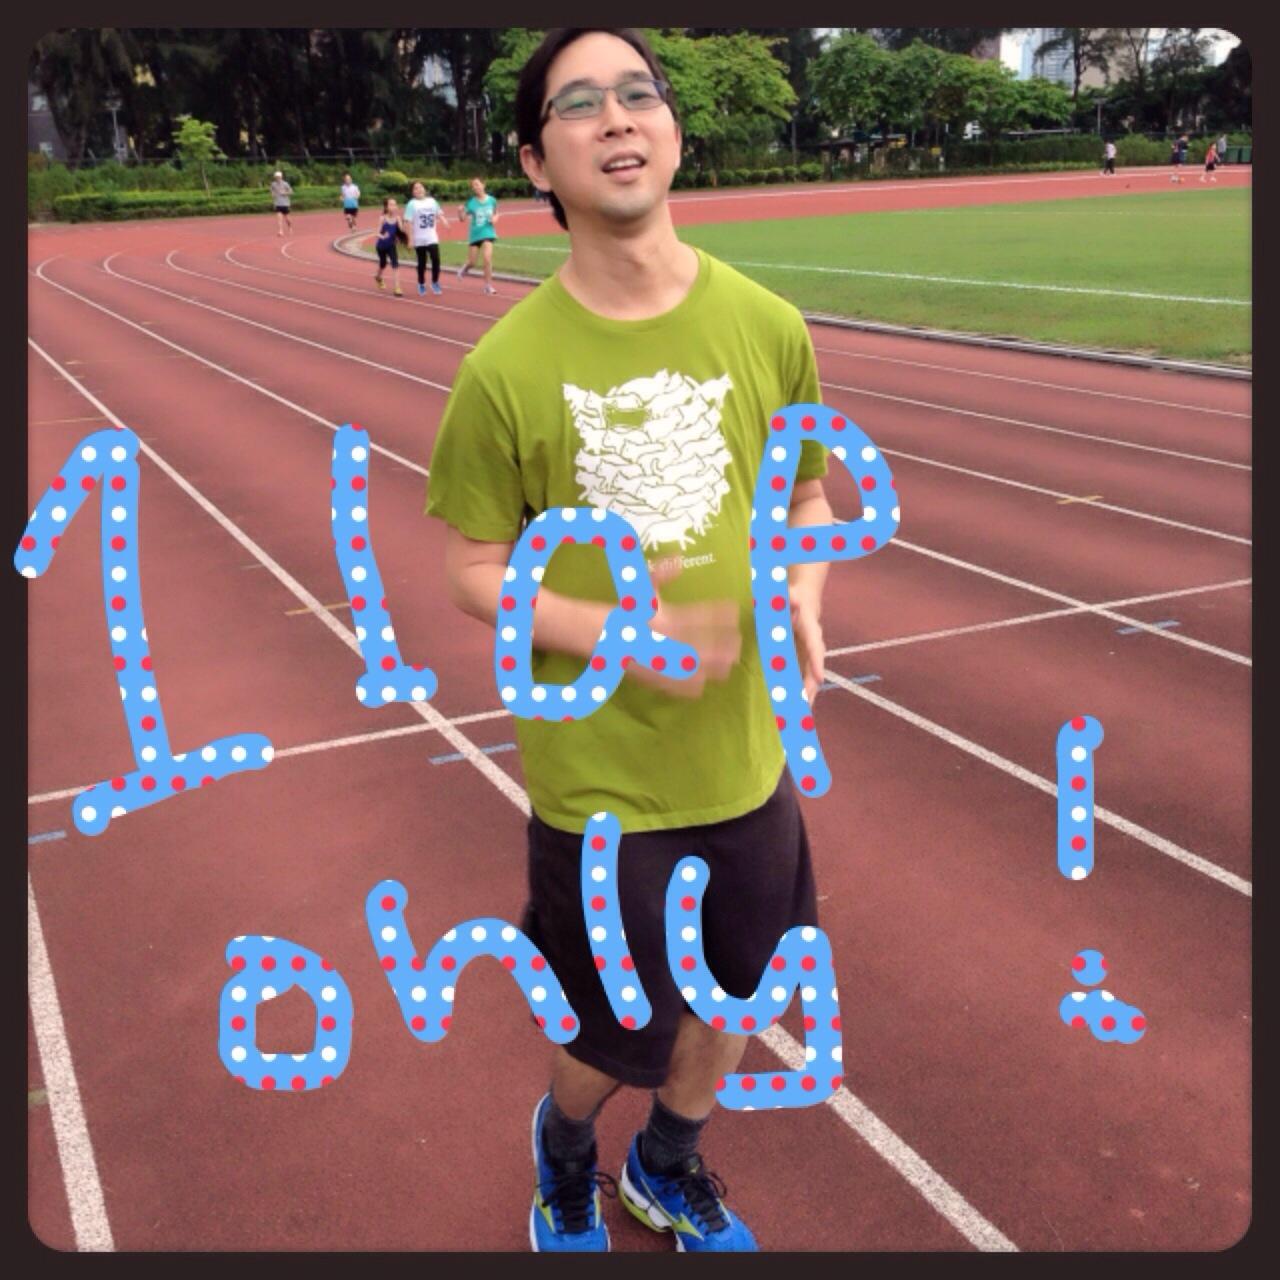 P: Running